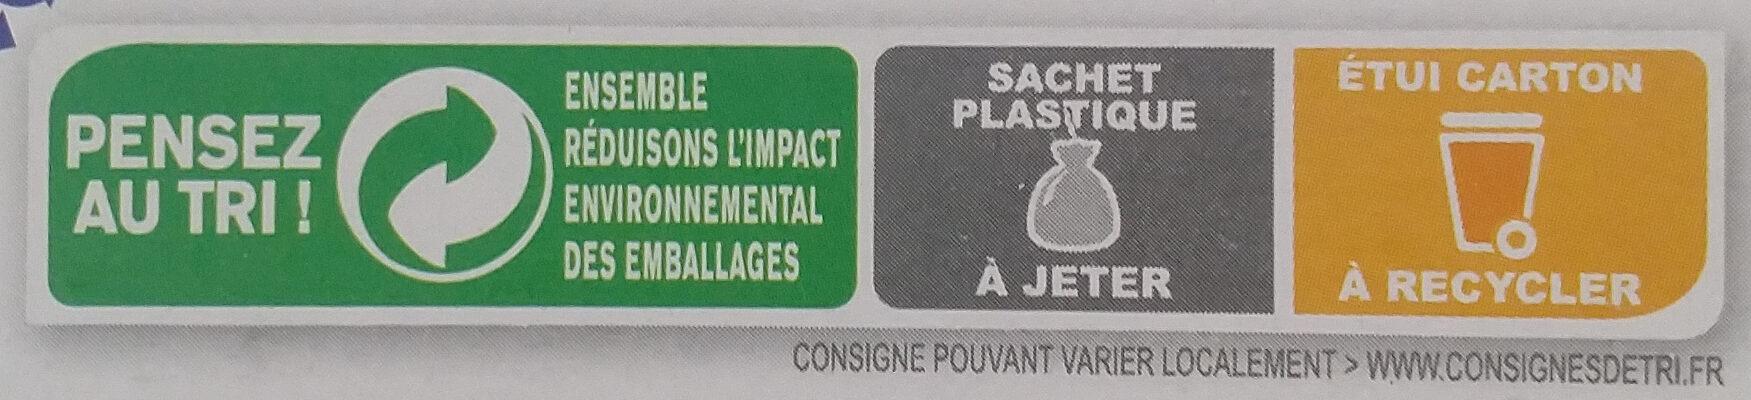 Country Crisp chocolat au lait - Istruzioni per il riciclaggio e/o informazioni sull'imballaggio - fr